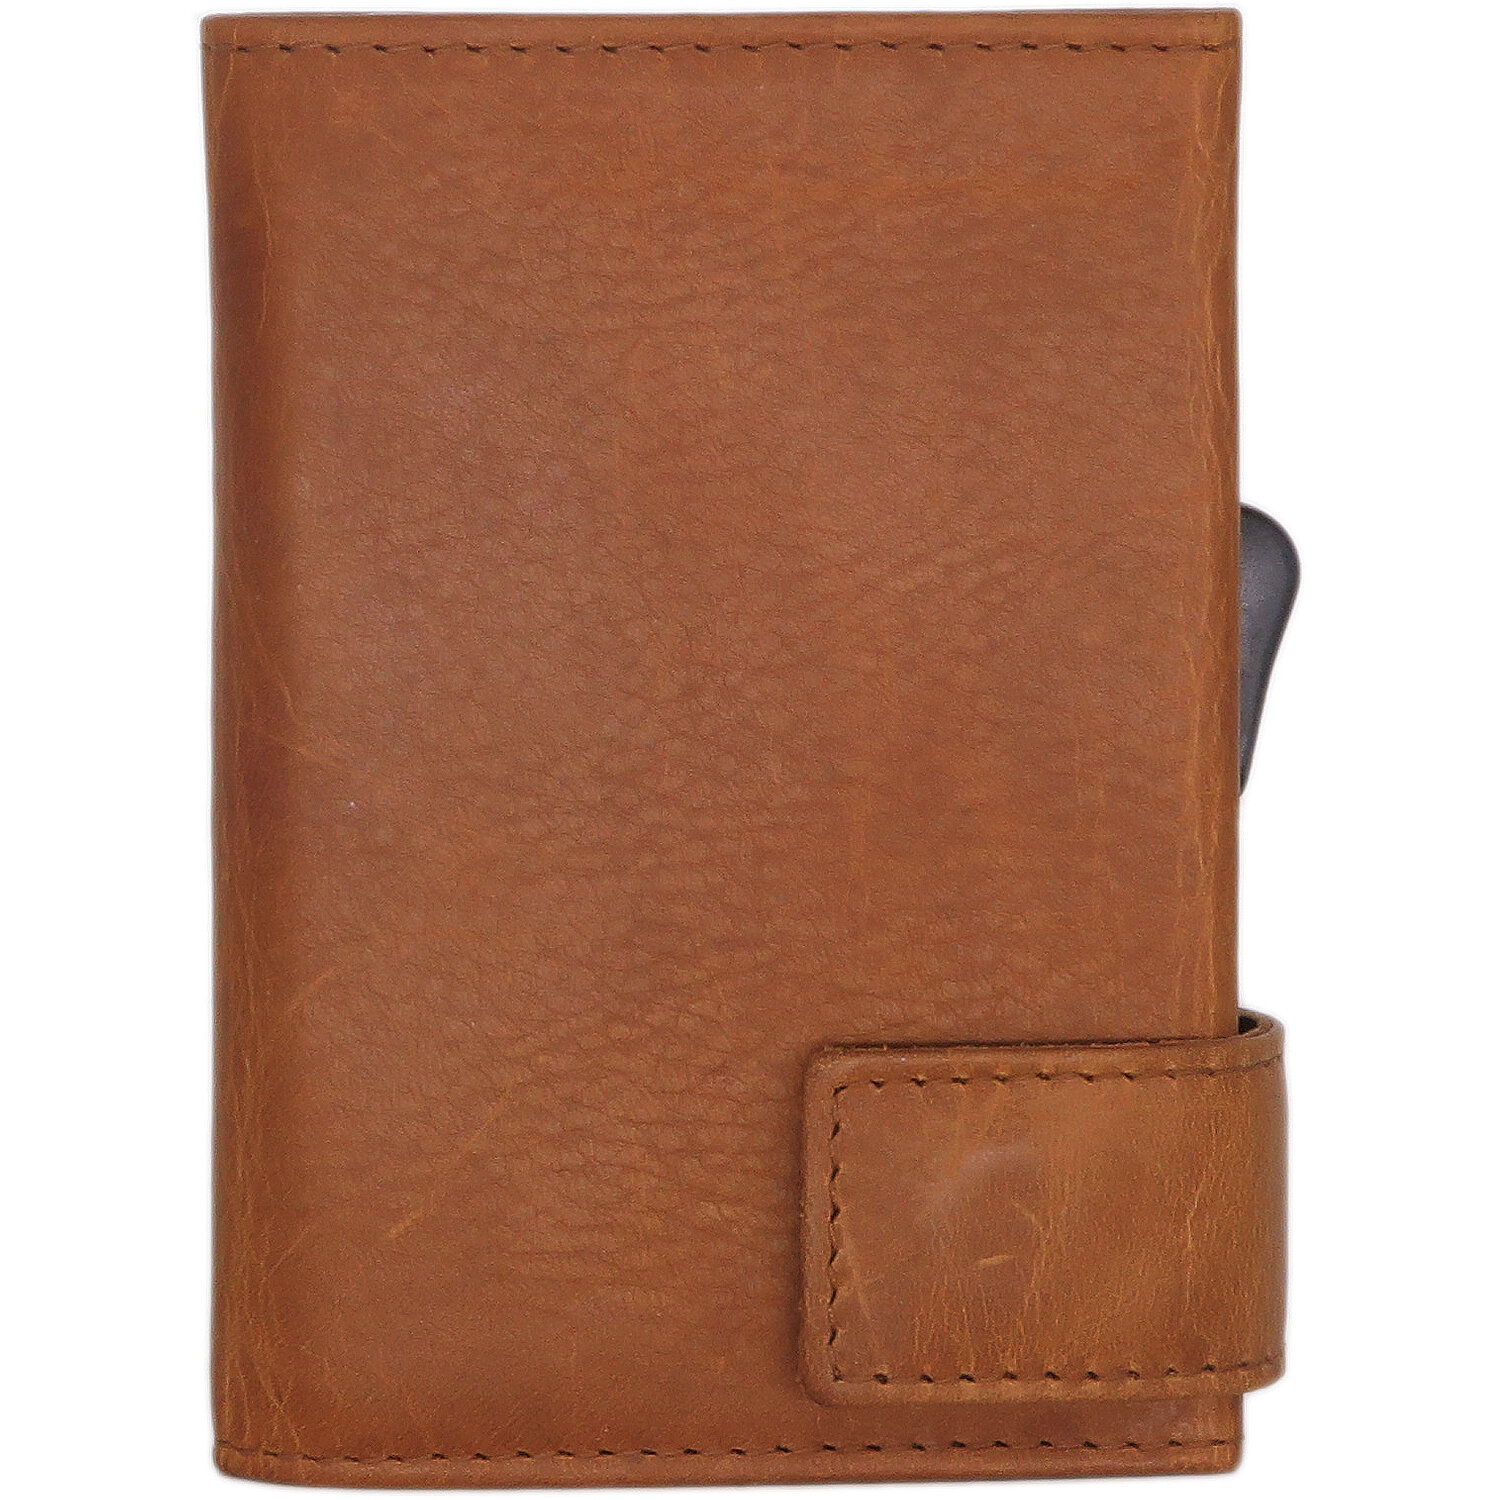 9dc7e31a7b8f7 SecWal SecWal 1 Kreditkartenetui Geldbörse RFID Leder 9 cm cognac ...